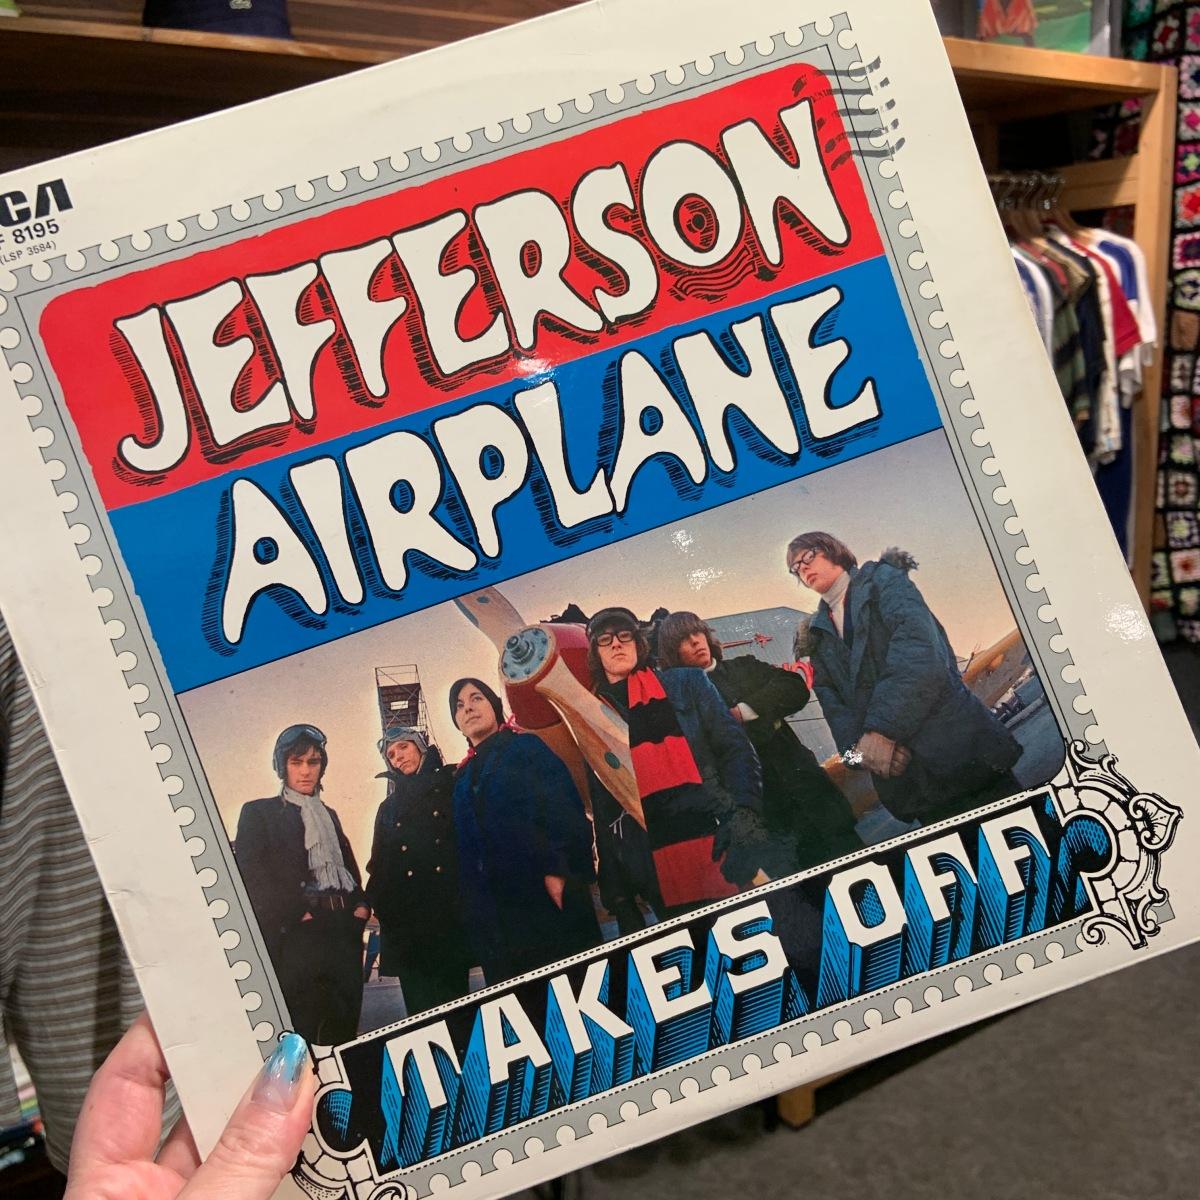 【今日のレコード】JEFFERSON AIRPLANE/Takes Off